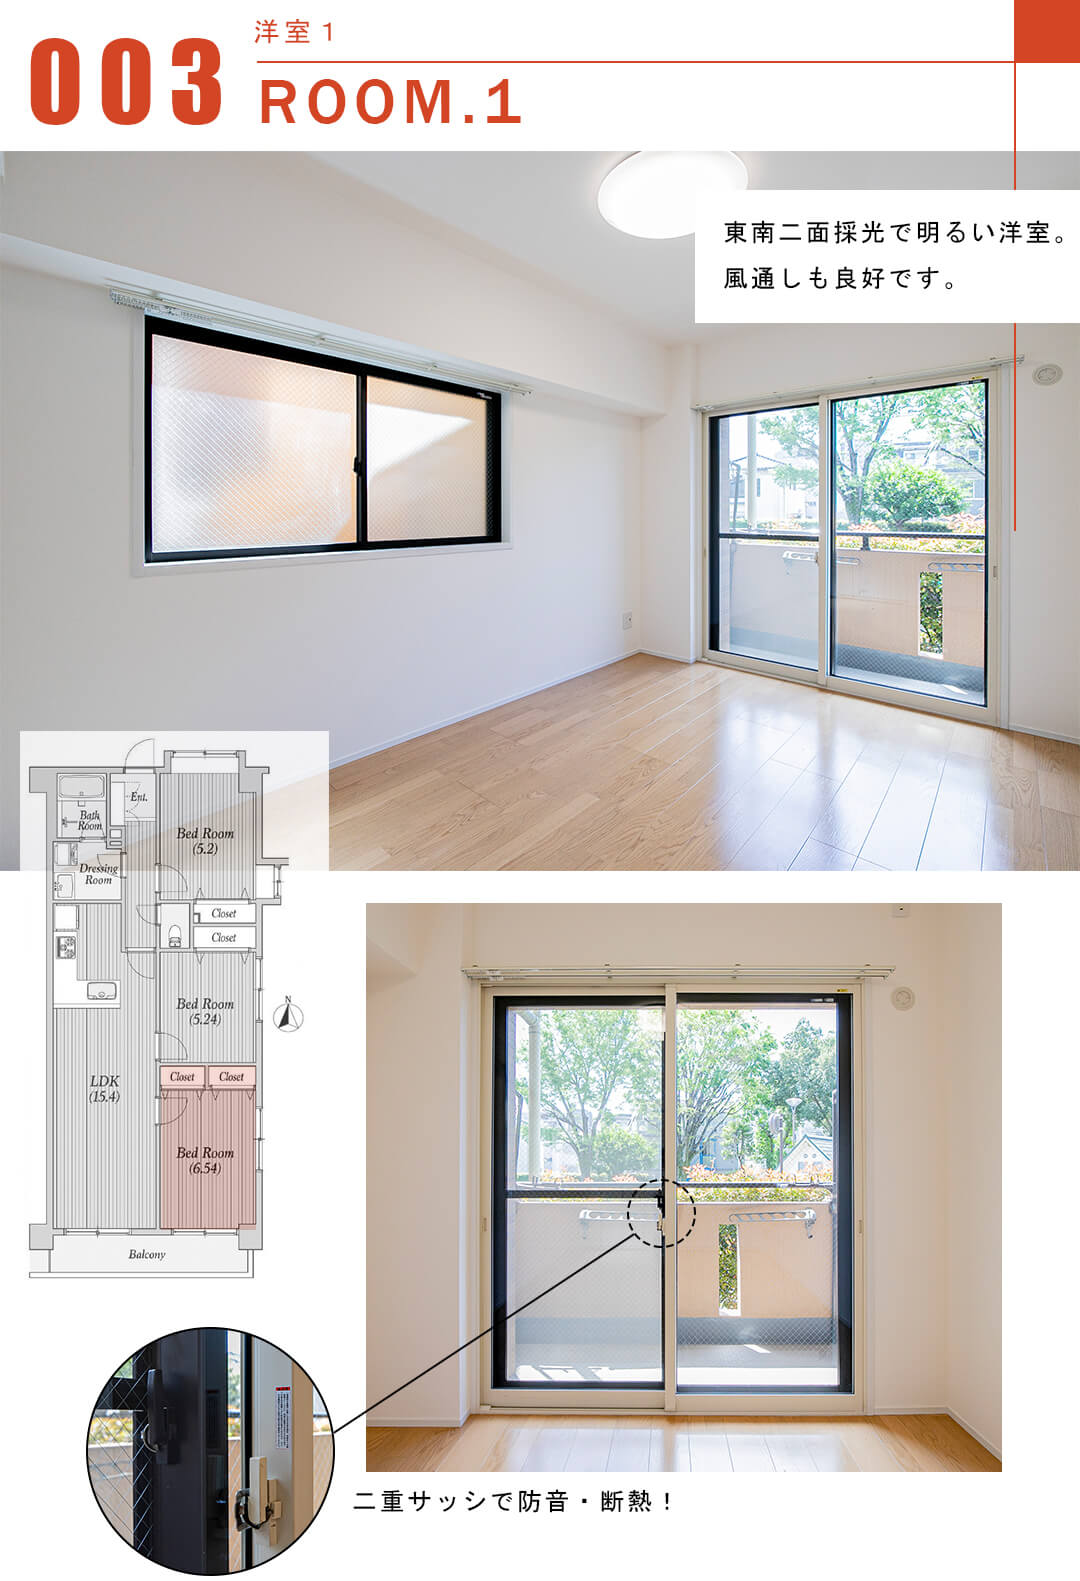 グランドステージ中野新橋の洋室